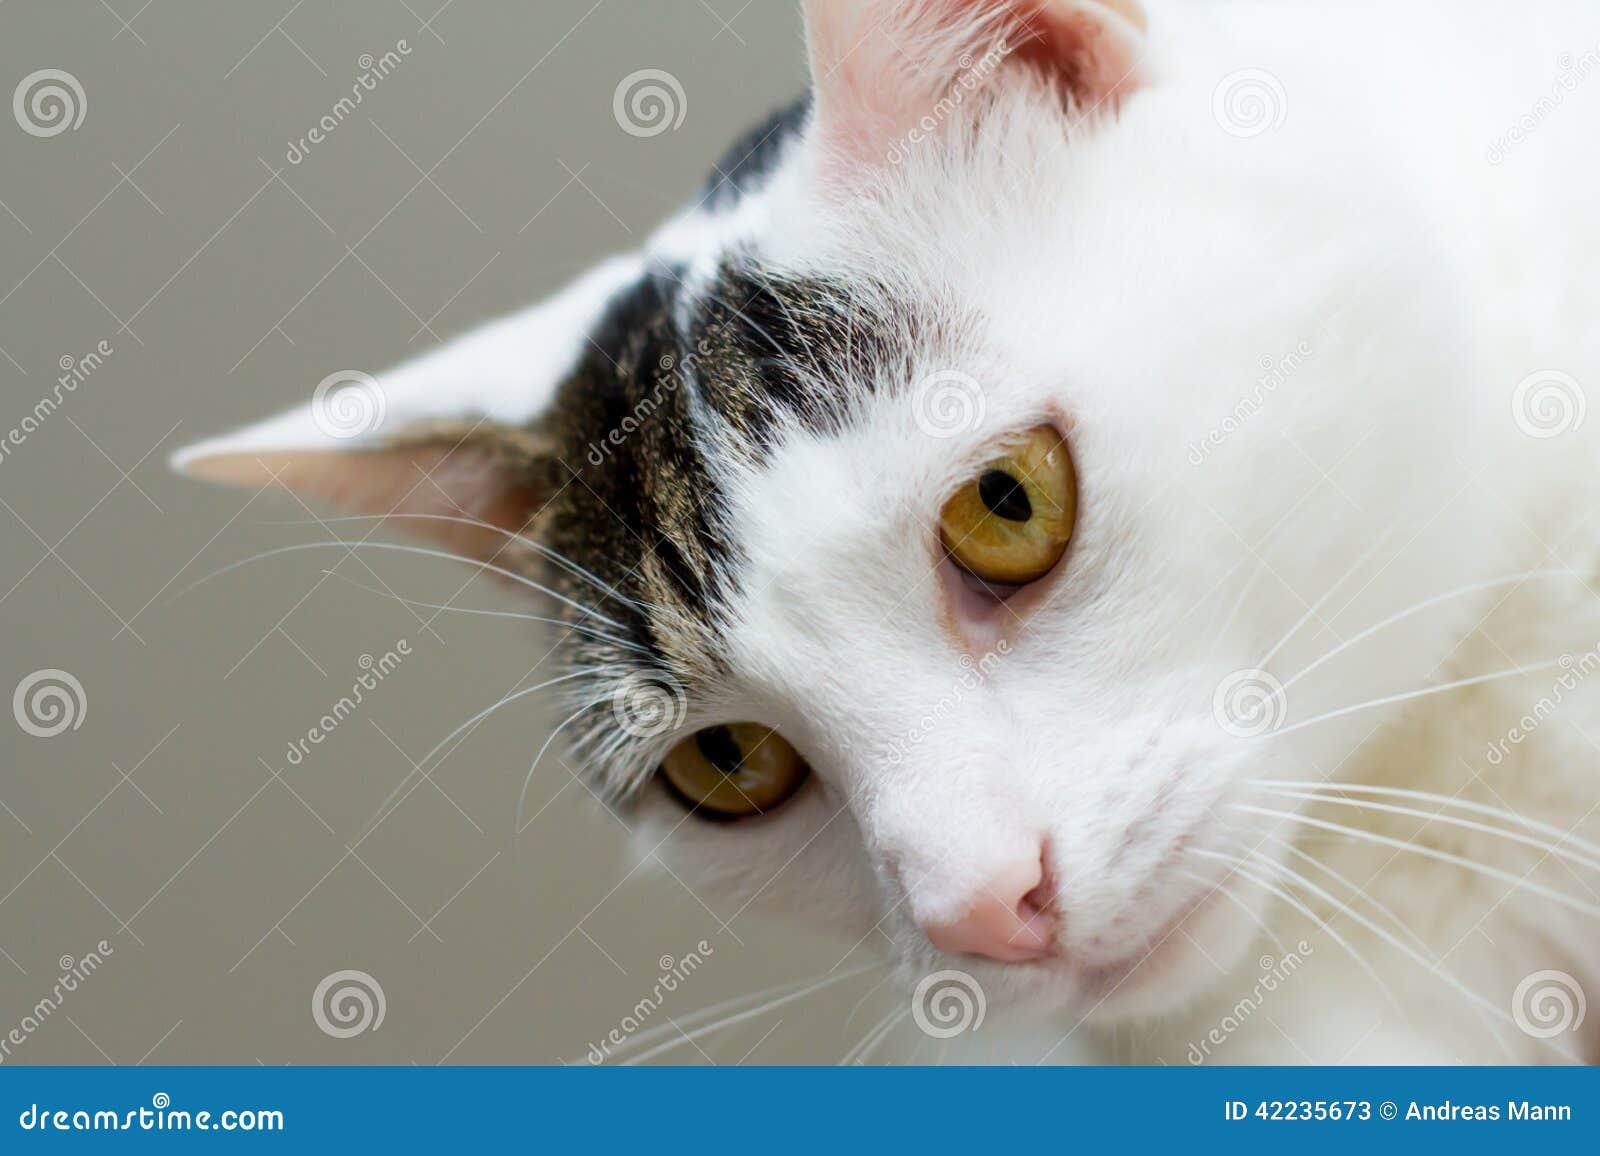 chat blanc gris avec les yeux jaunes image stock image 42235673. Black Bedroom Furniture Sets. Home Design Ideas